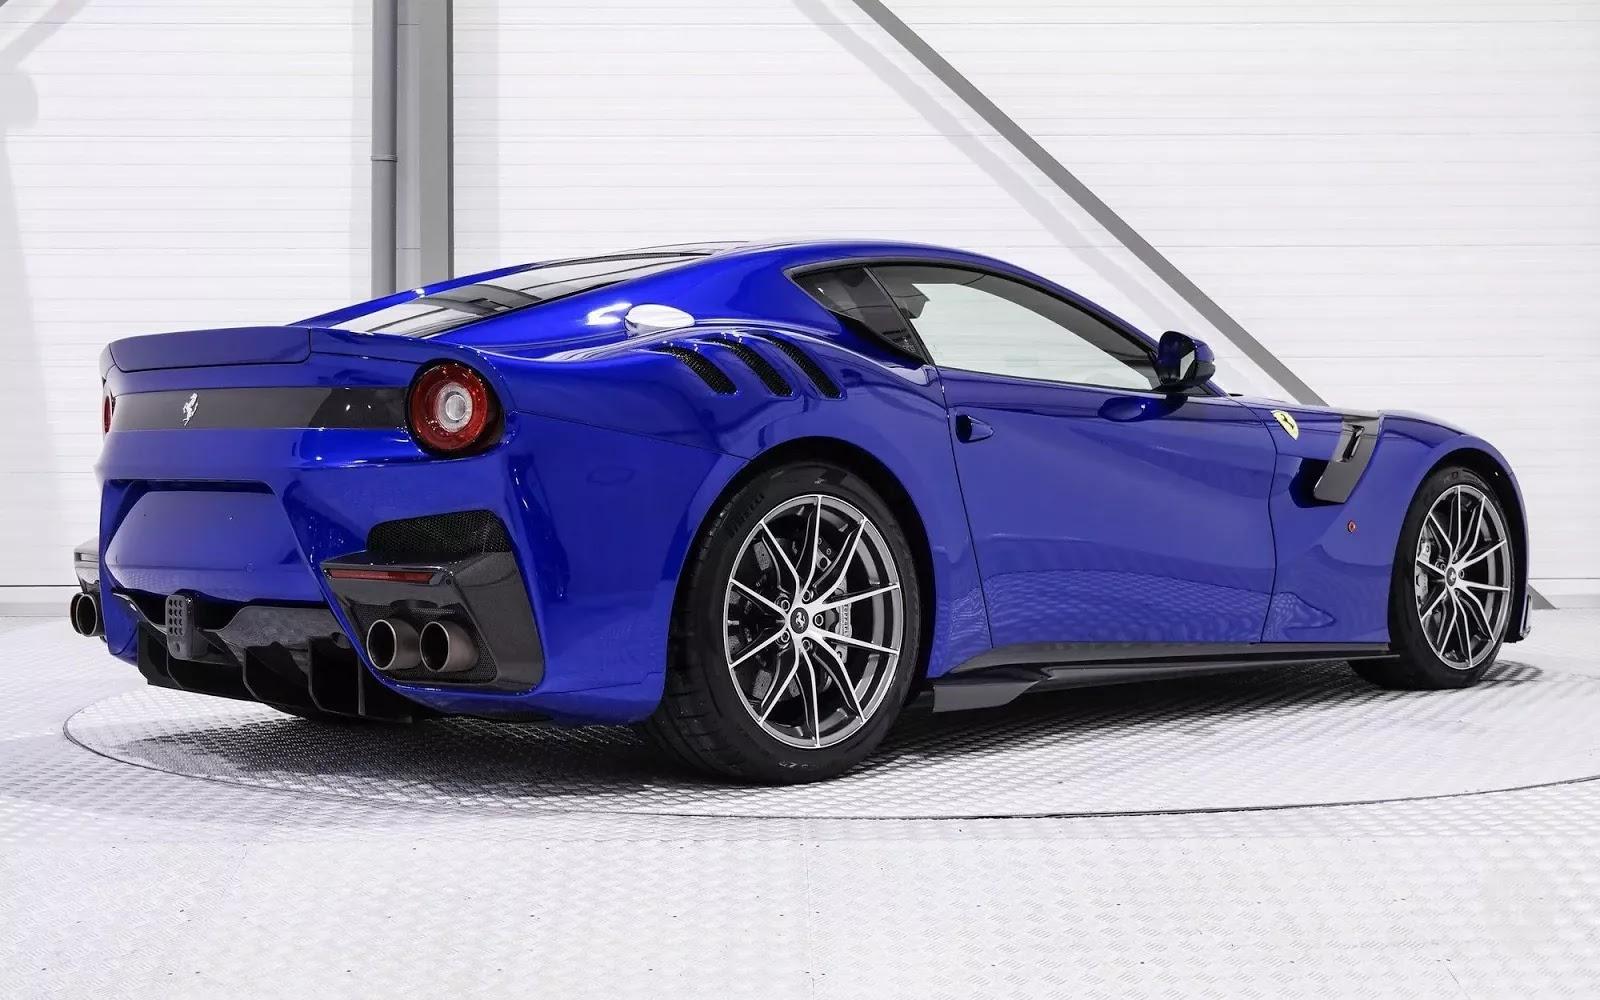 Ferrari-F12tdf-Blue-3.webp